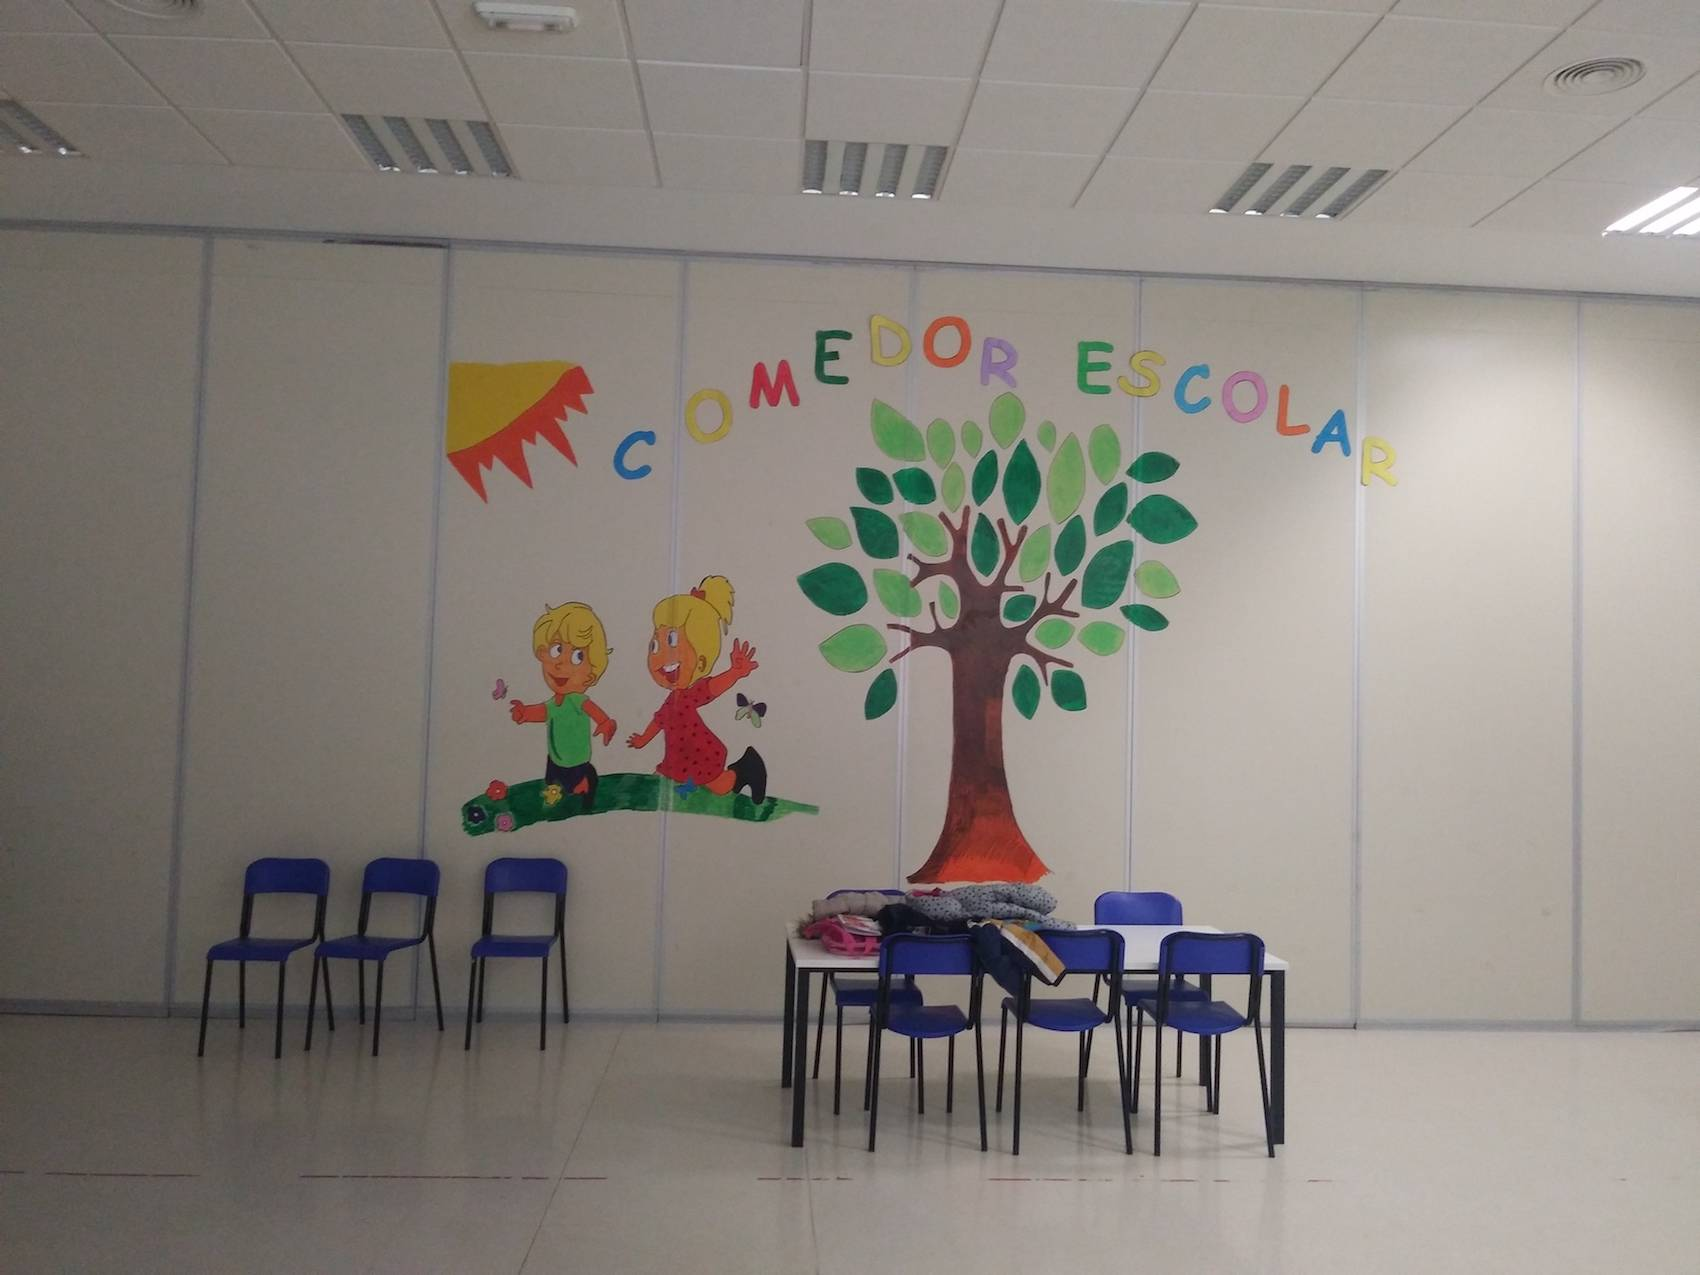 El comedor escolar abre en Navidad para conciliar trabajo y bienestar 3